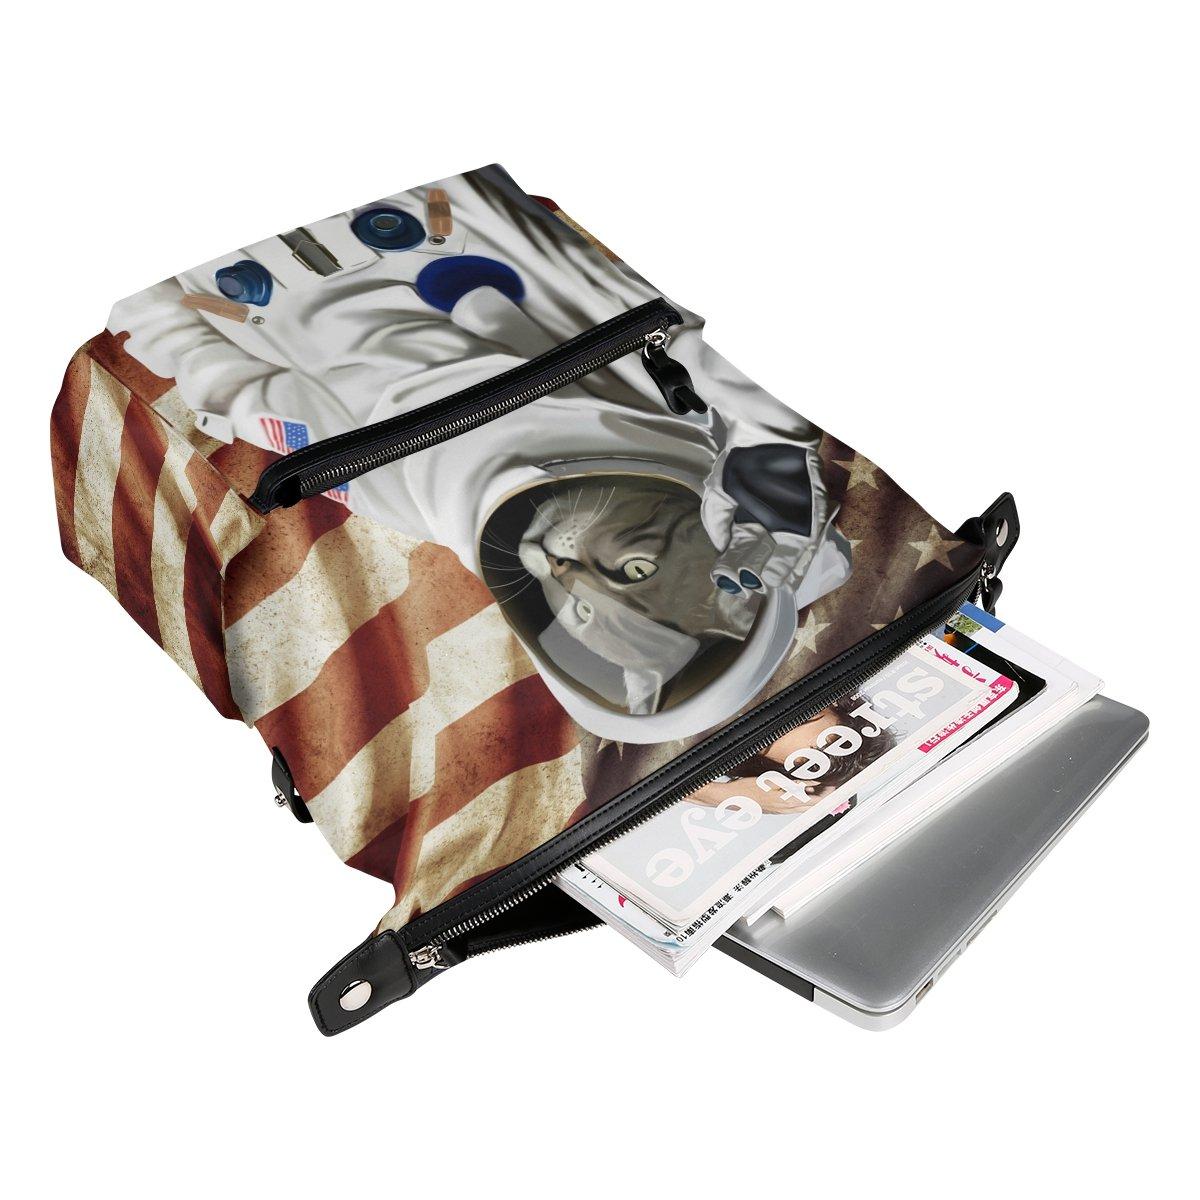 ALAZA astronauta gato en la bandera americana Casual mochila mochila estudiante escuela Bolsa de viaje ligero: Amazon.es: Equipaje